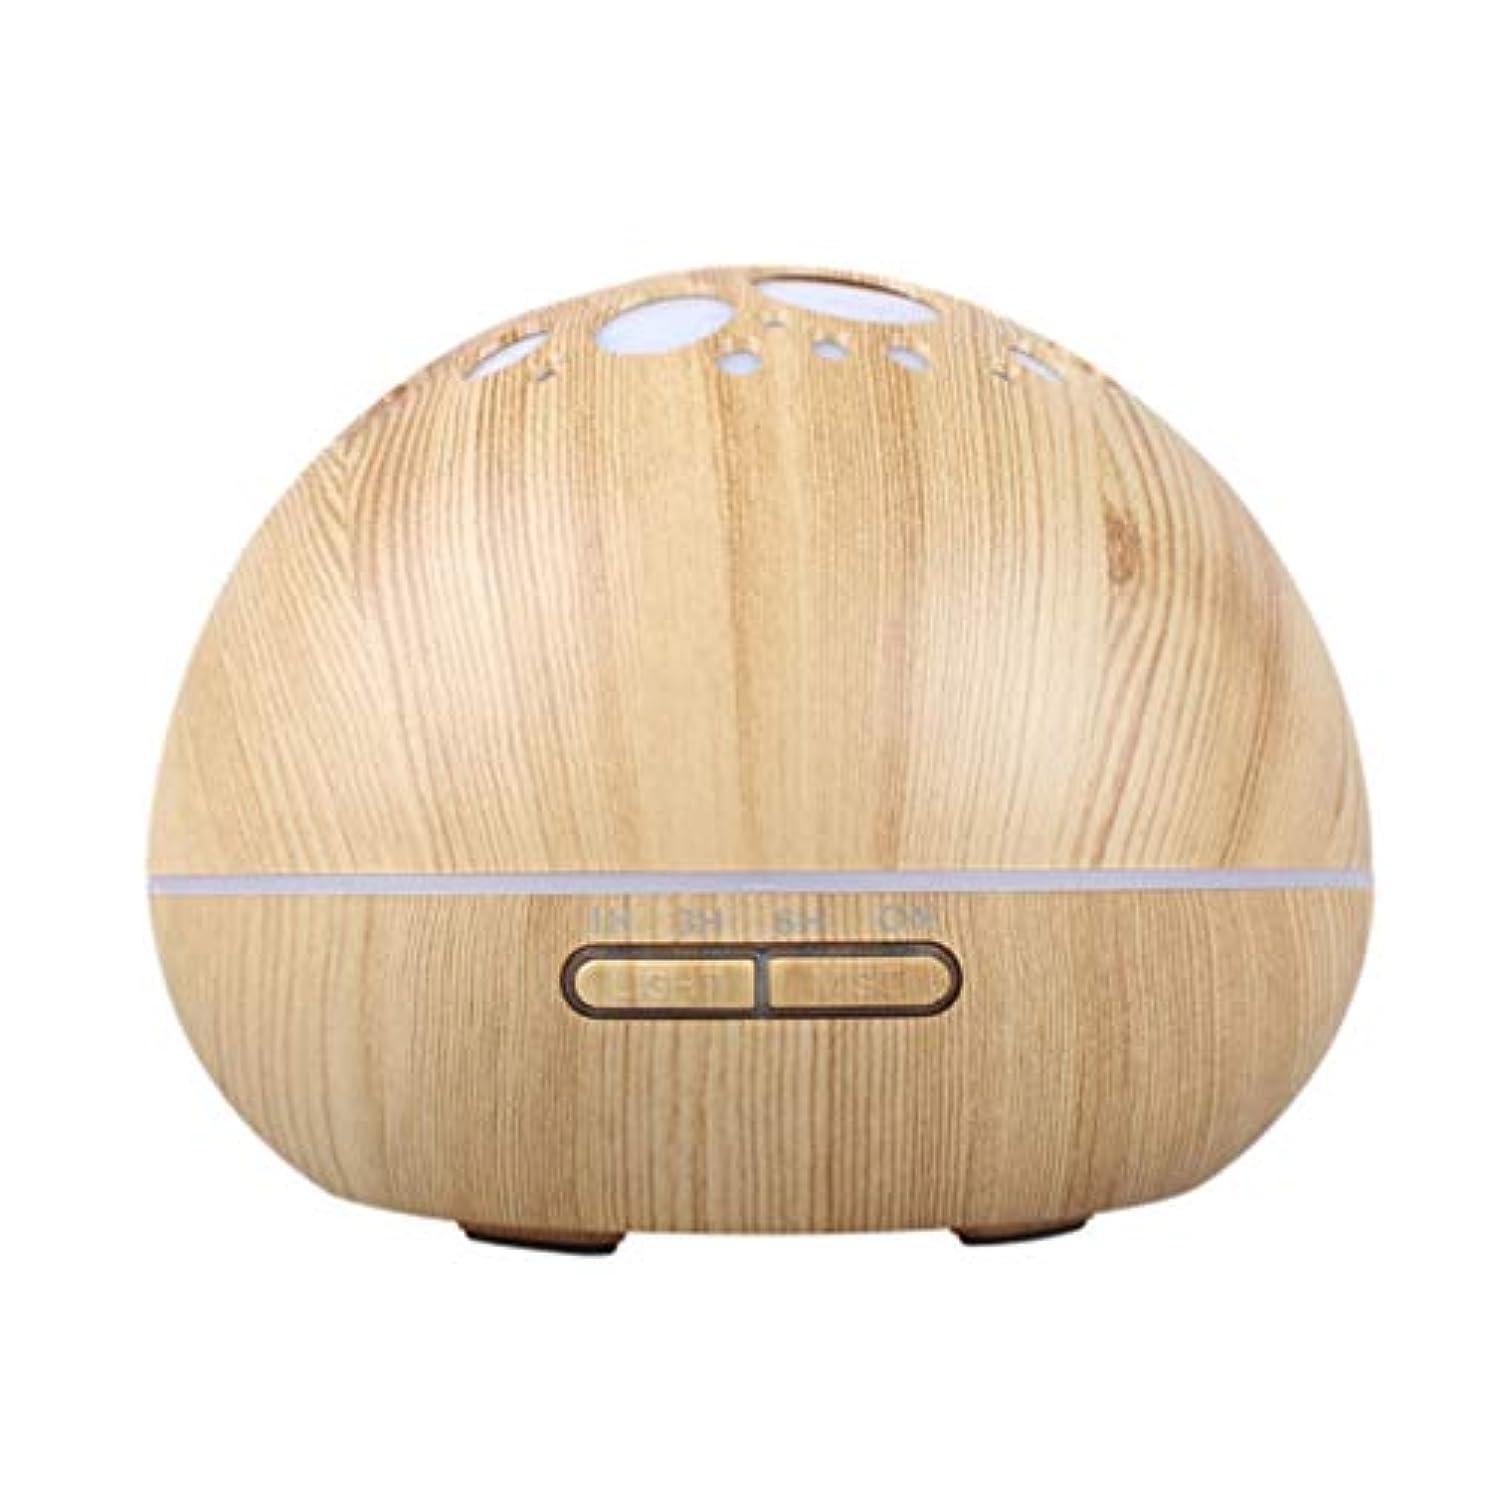 アプローチ全く禁止Uonlytech 1pc Aromatherapy Diffuser Durable High Quality Mute Essential Oil Diffuser Humidifier for Bedroom Office